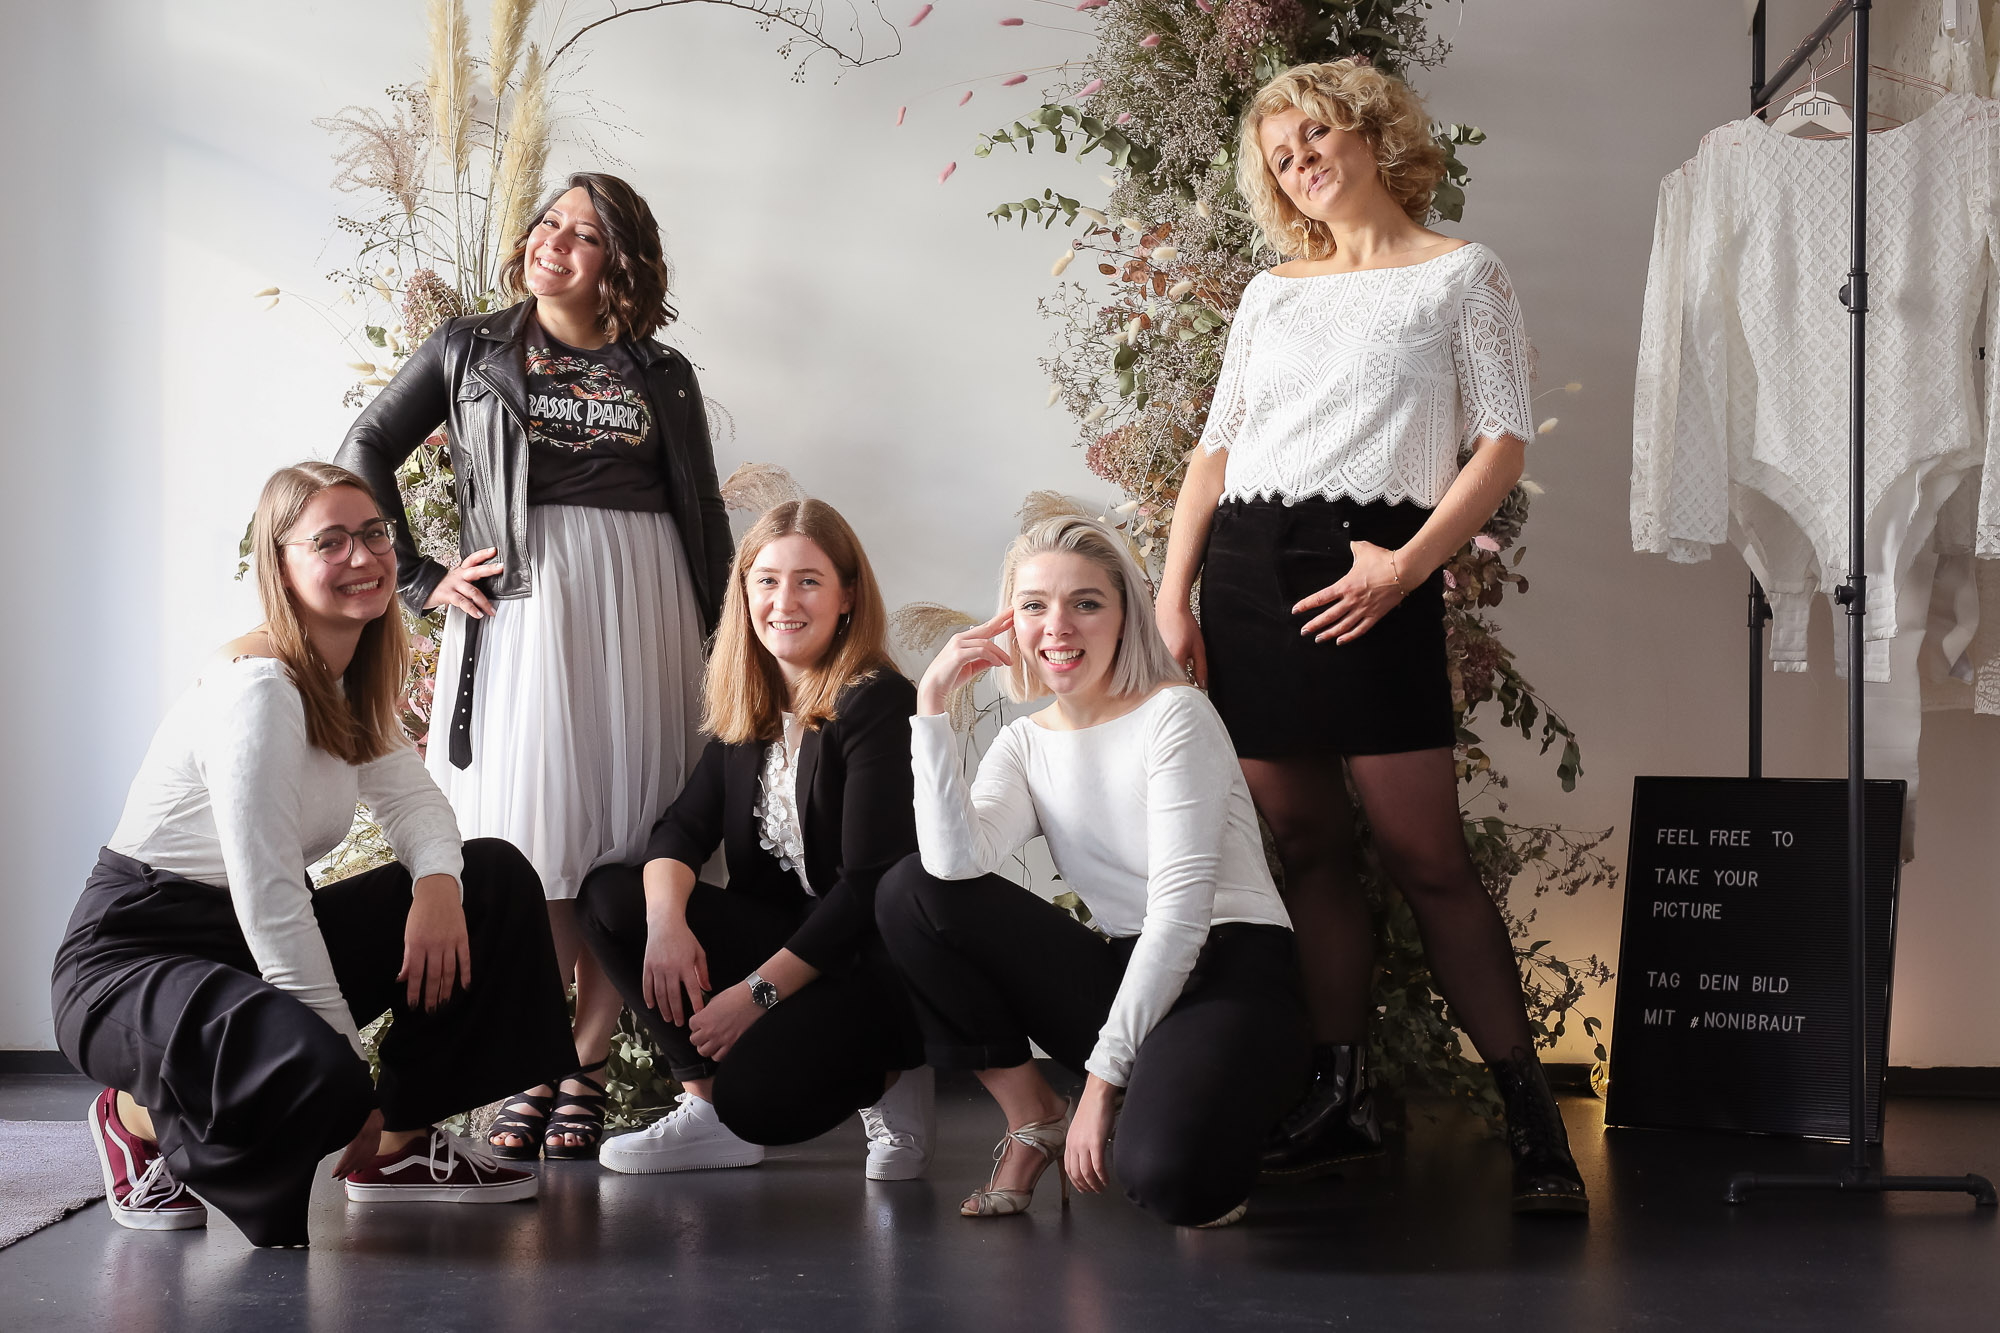 noni Brautkleider, Gruppenbild mit Hochzeitsmehrteilern und schwarzer Alltagsgarderobe als Styling Inspiration